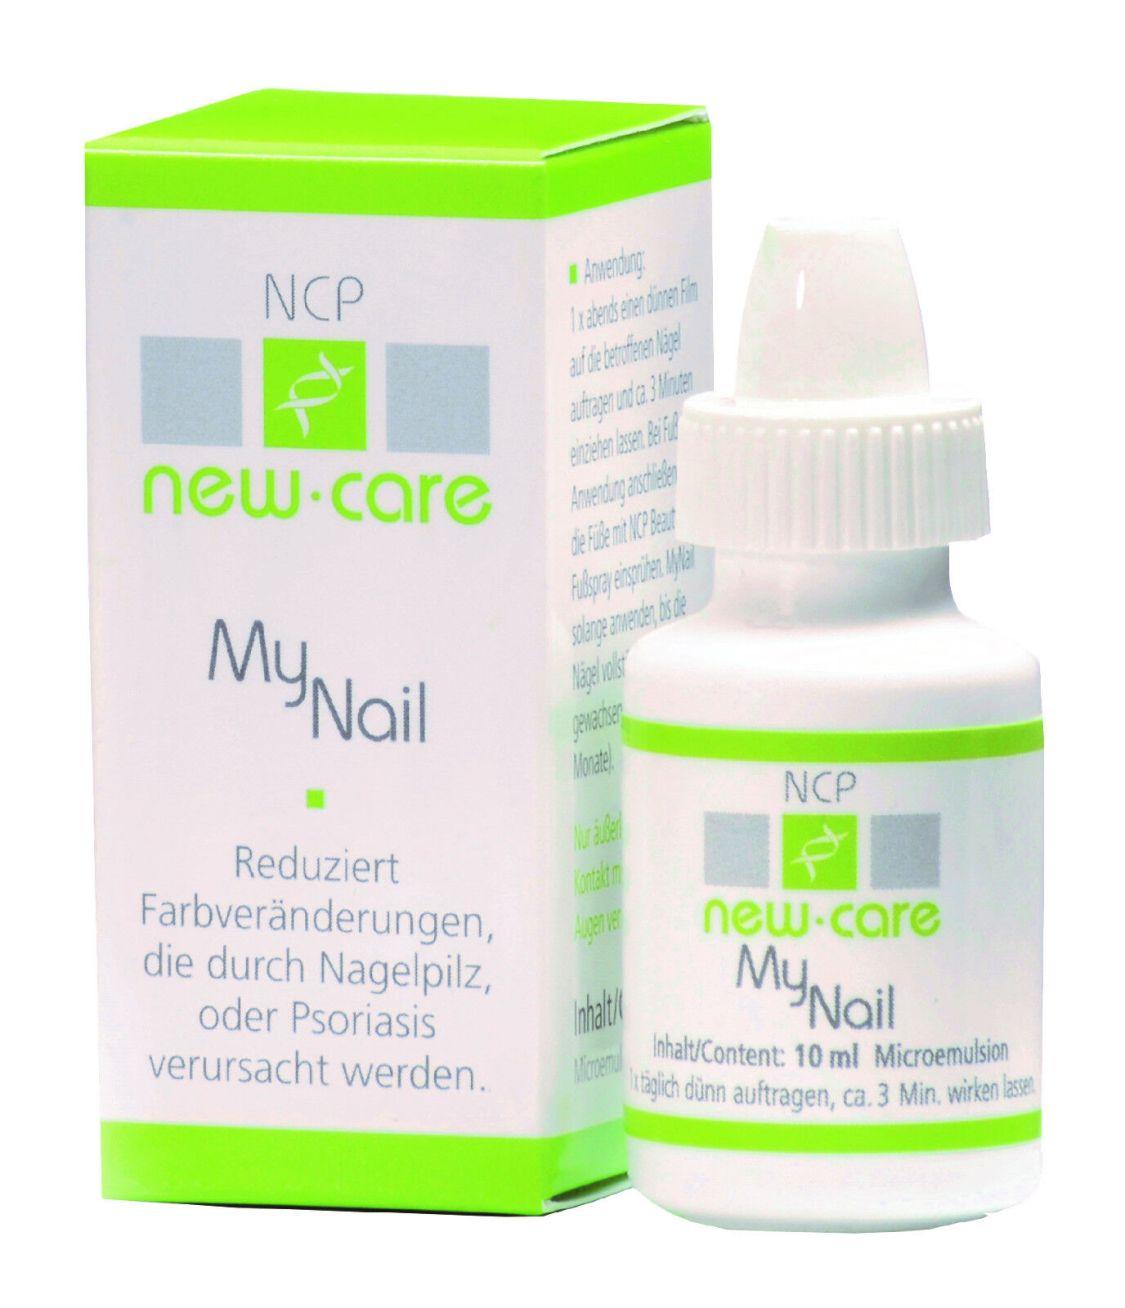 Nagelpilz NewCare MyNail die innovative Pflege und Prophylaxe